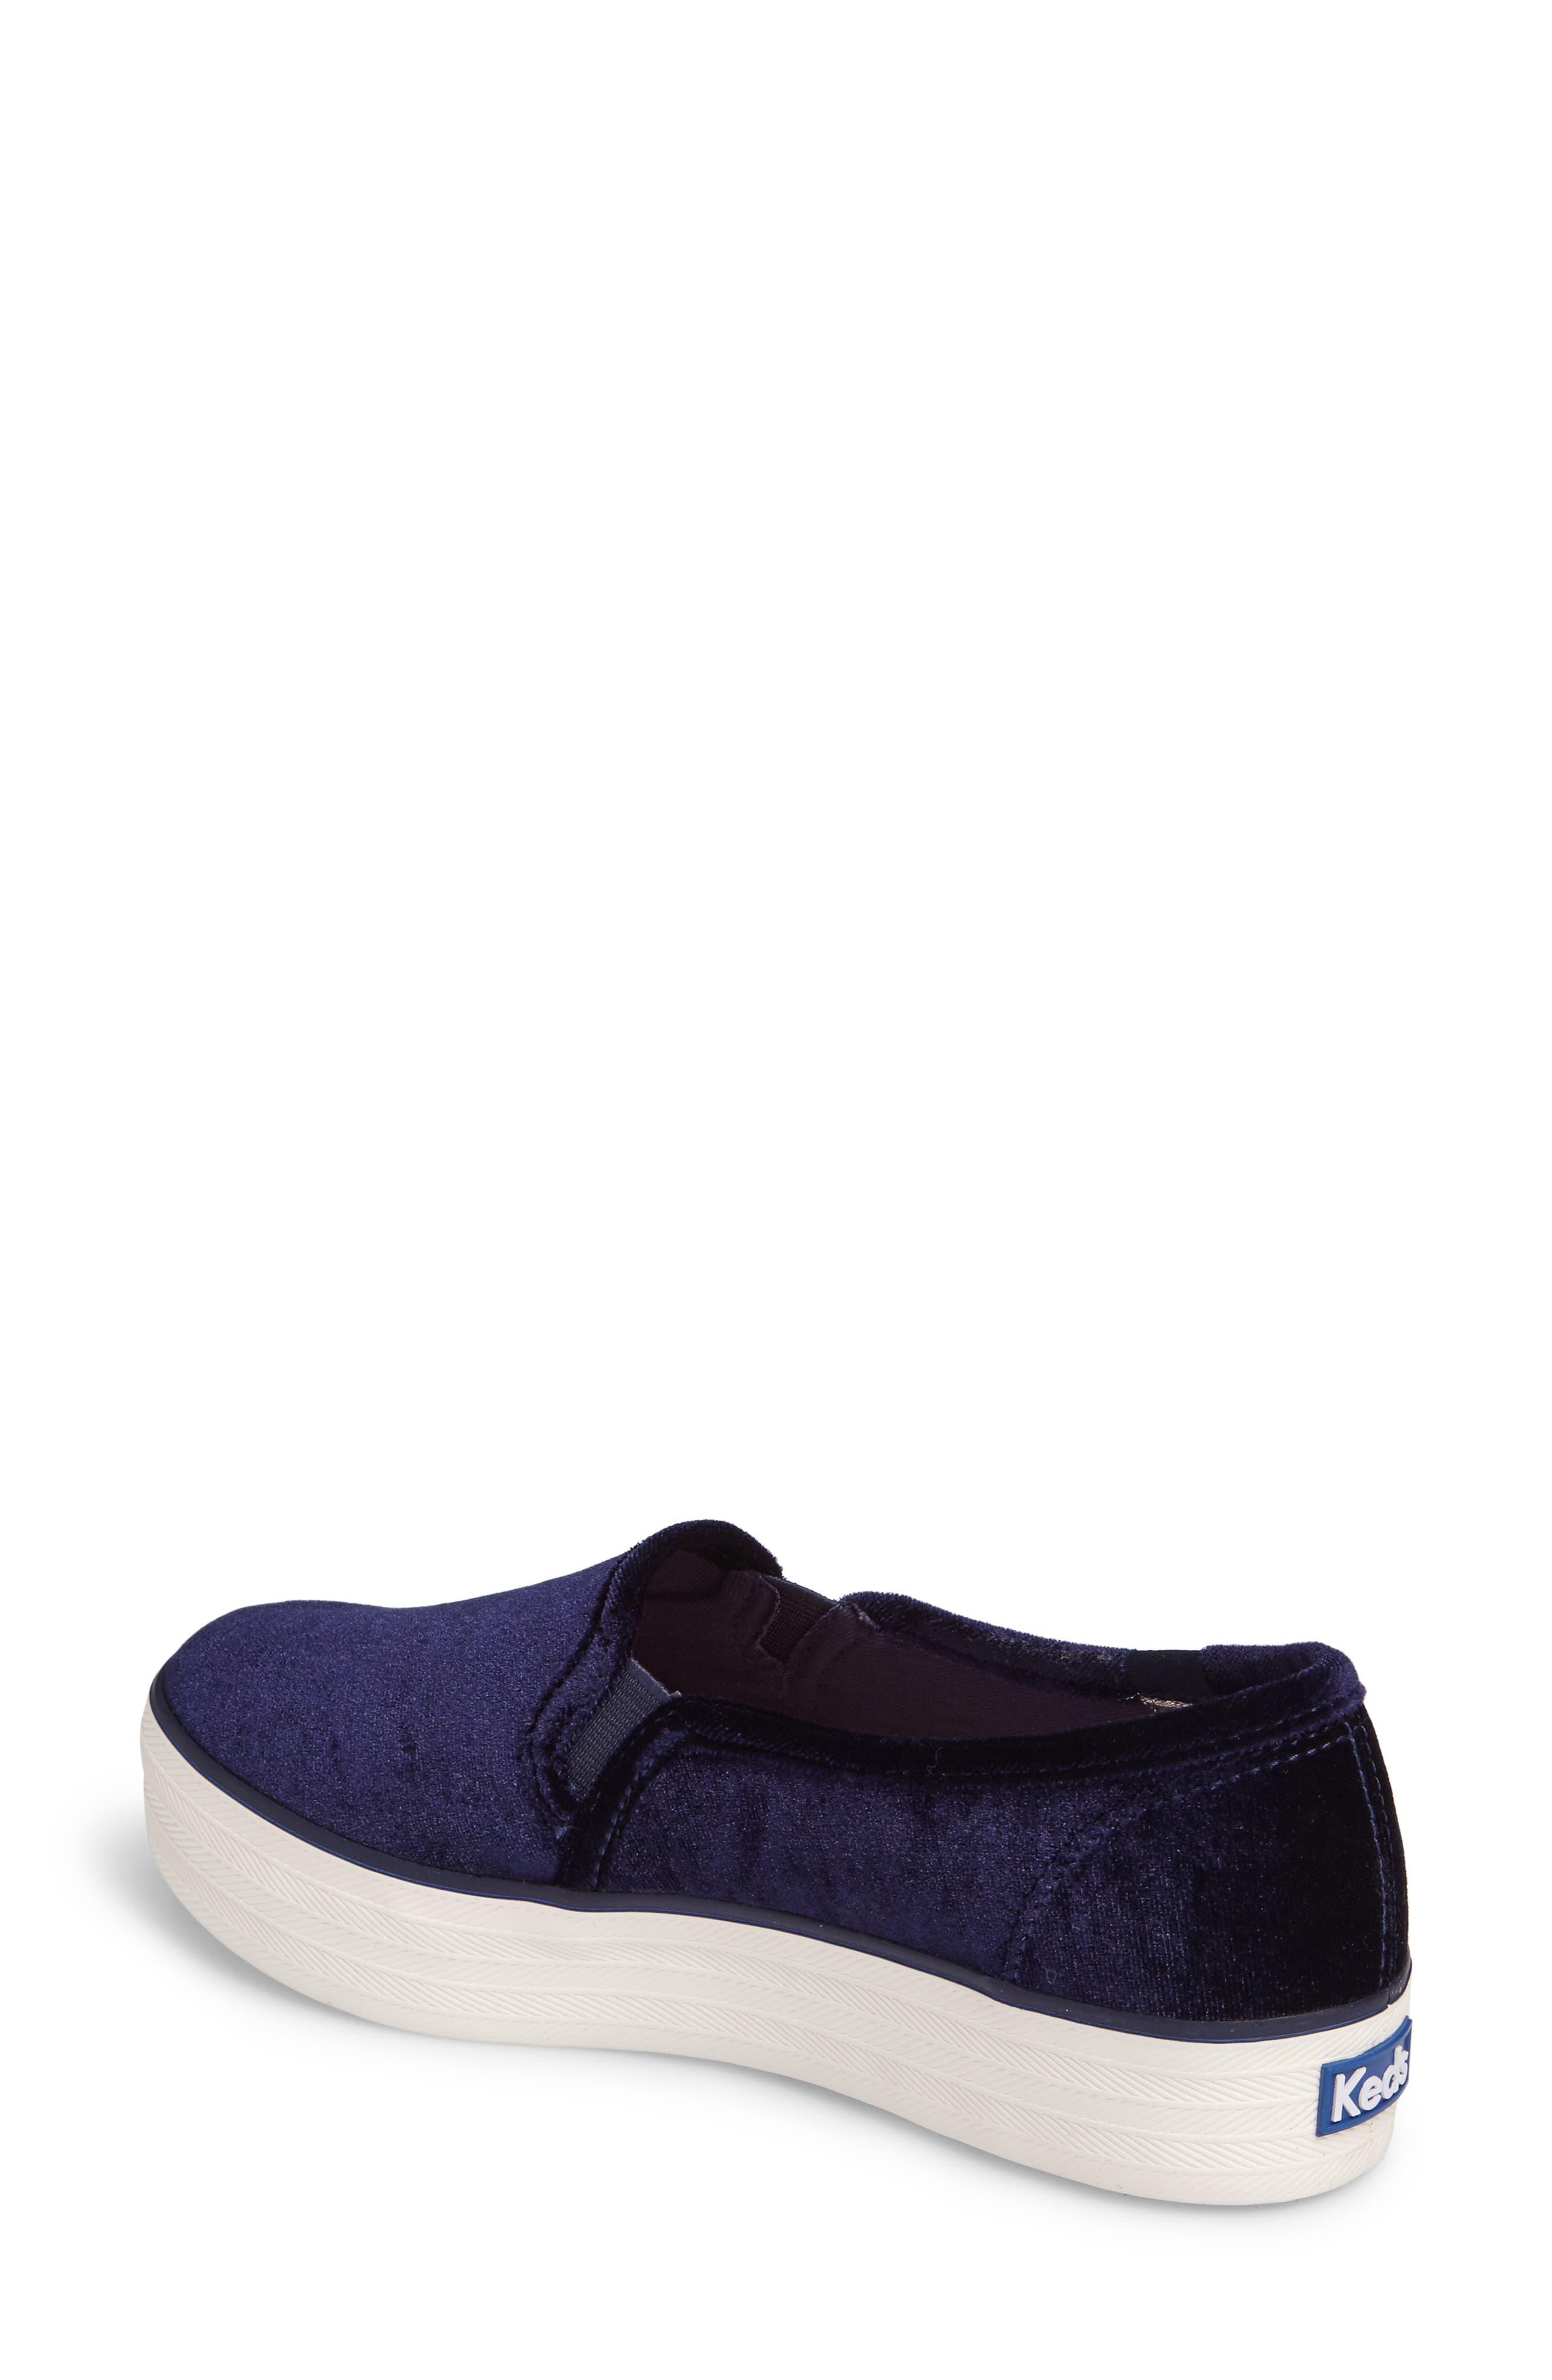 Triple Decker Slip-On Platform Sneaker,                             Alternate thumbnail 2, color,                             Navy Velvet